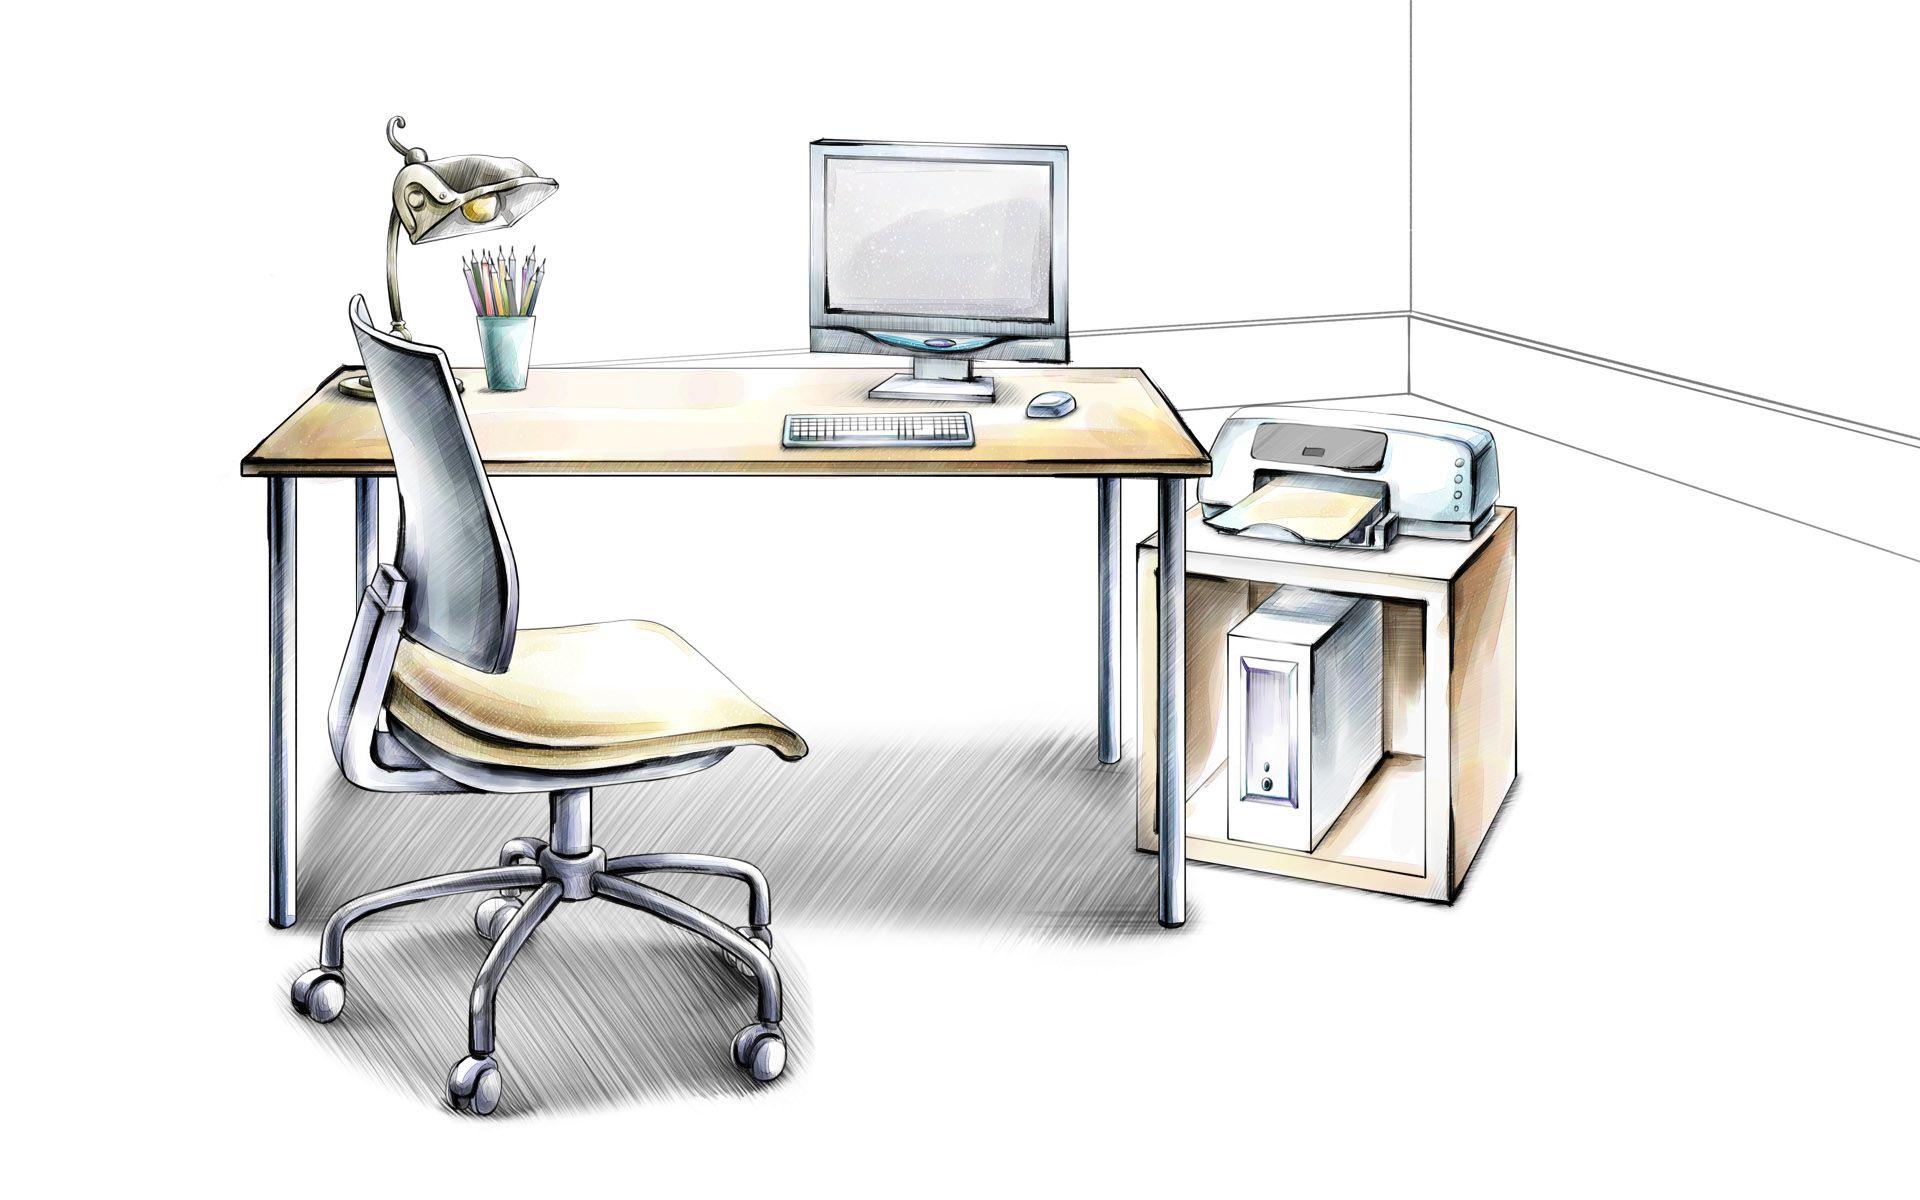 Рисунок для стола компьютера признанию